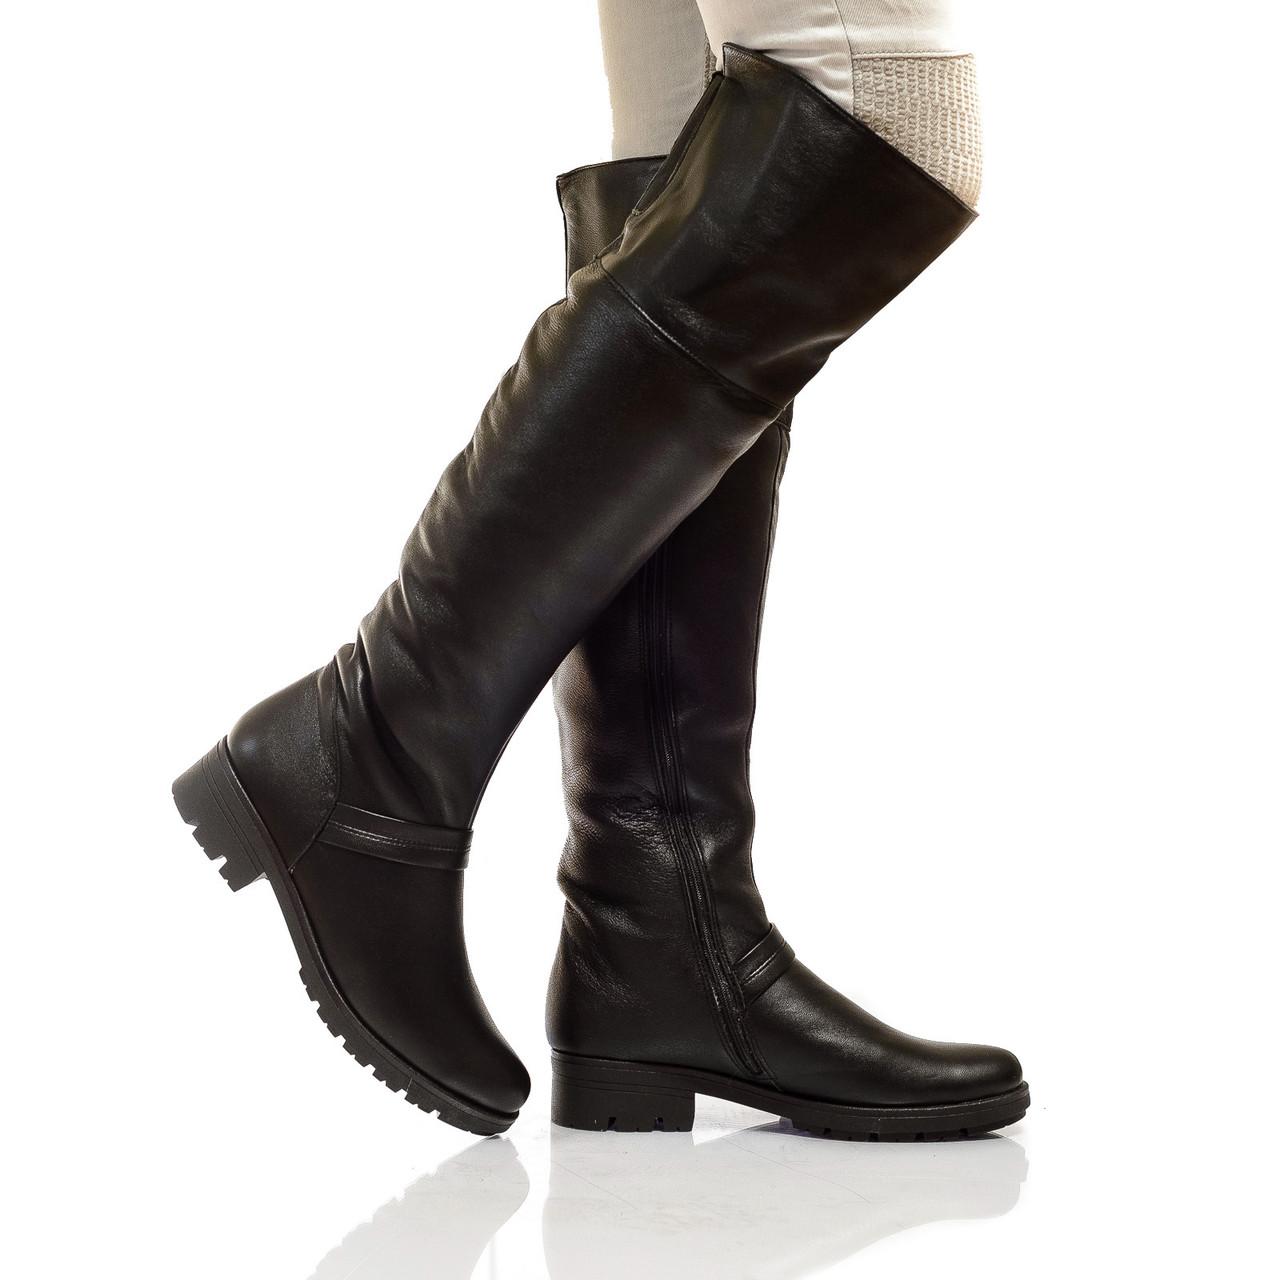 Сапоги высокие на низком каблуке, из натуральной кожи, на молнии. Два цвета! Размеры 36-41 модель S2213